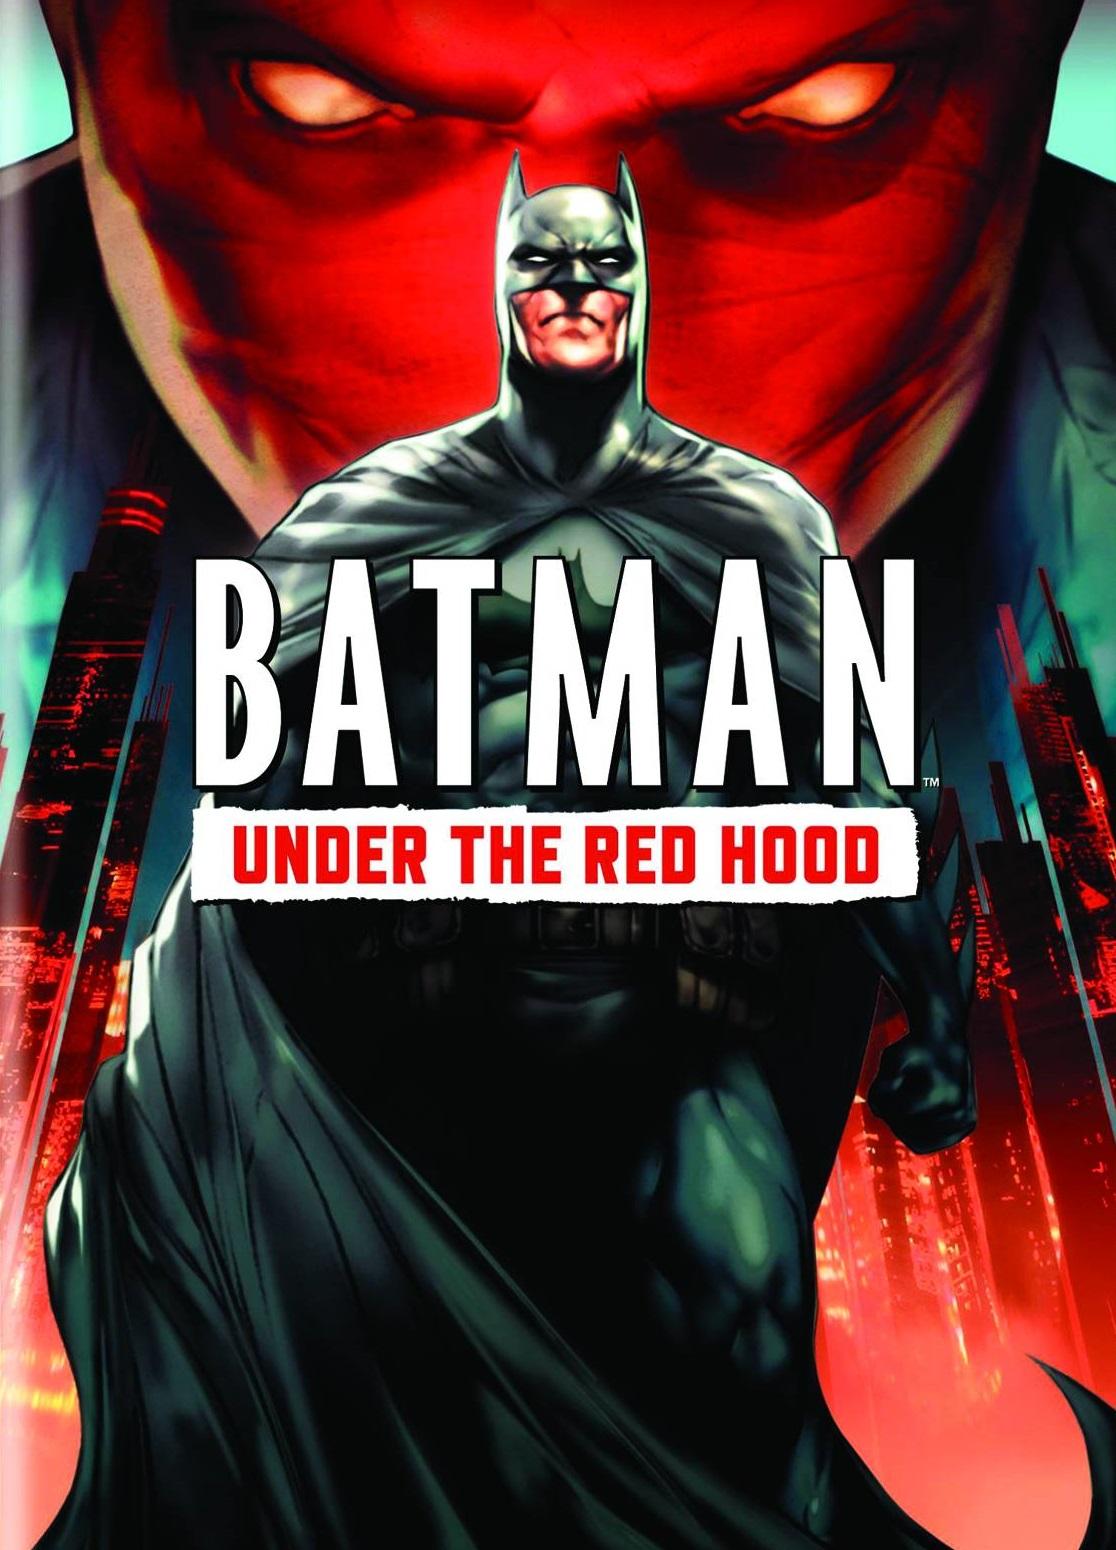 Batman Under the Red Hood 2010 Movie